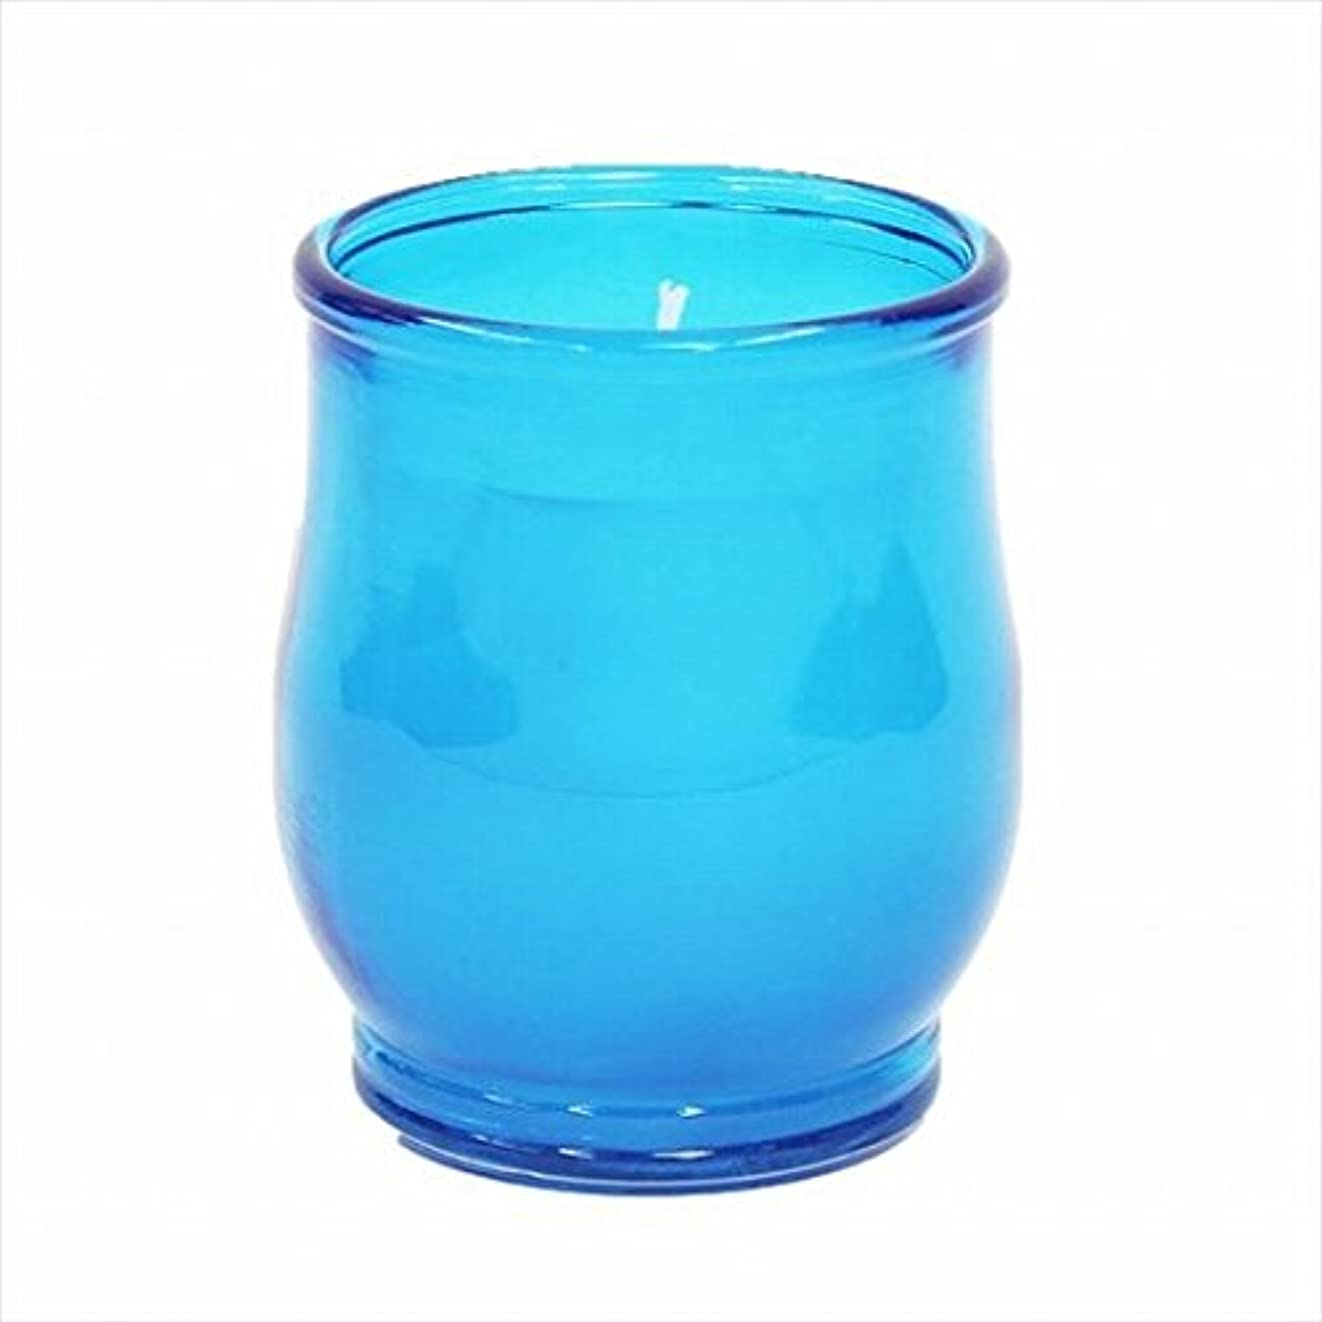 食用見込み見込みカメヤマキャンドル(kameyama candle) ポシェ(非常用コップローソク) 「 ブルー 」